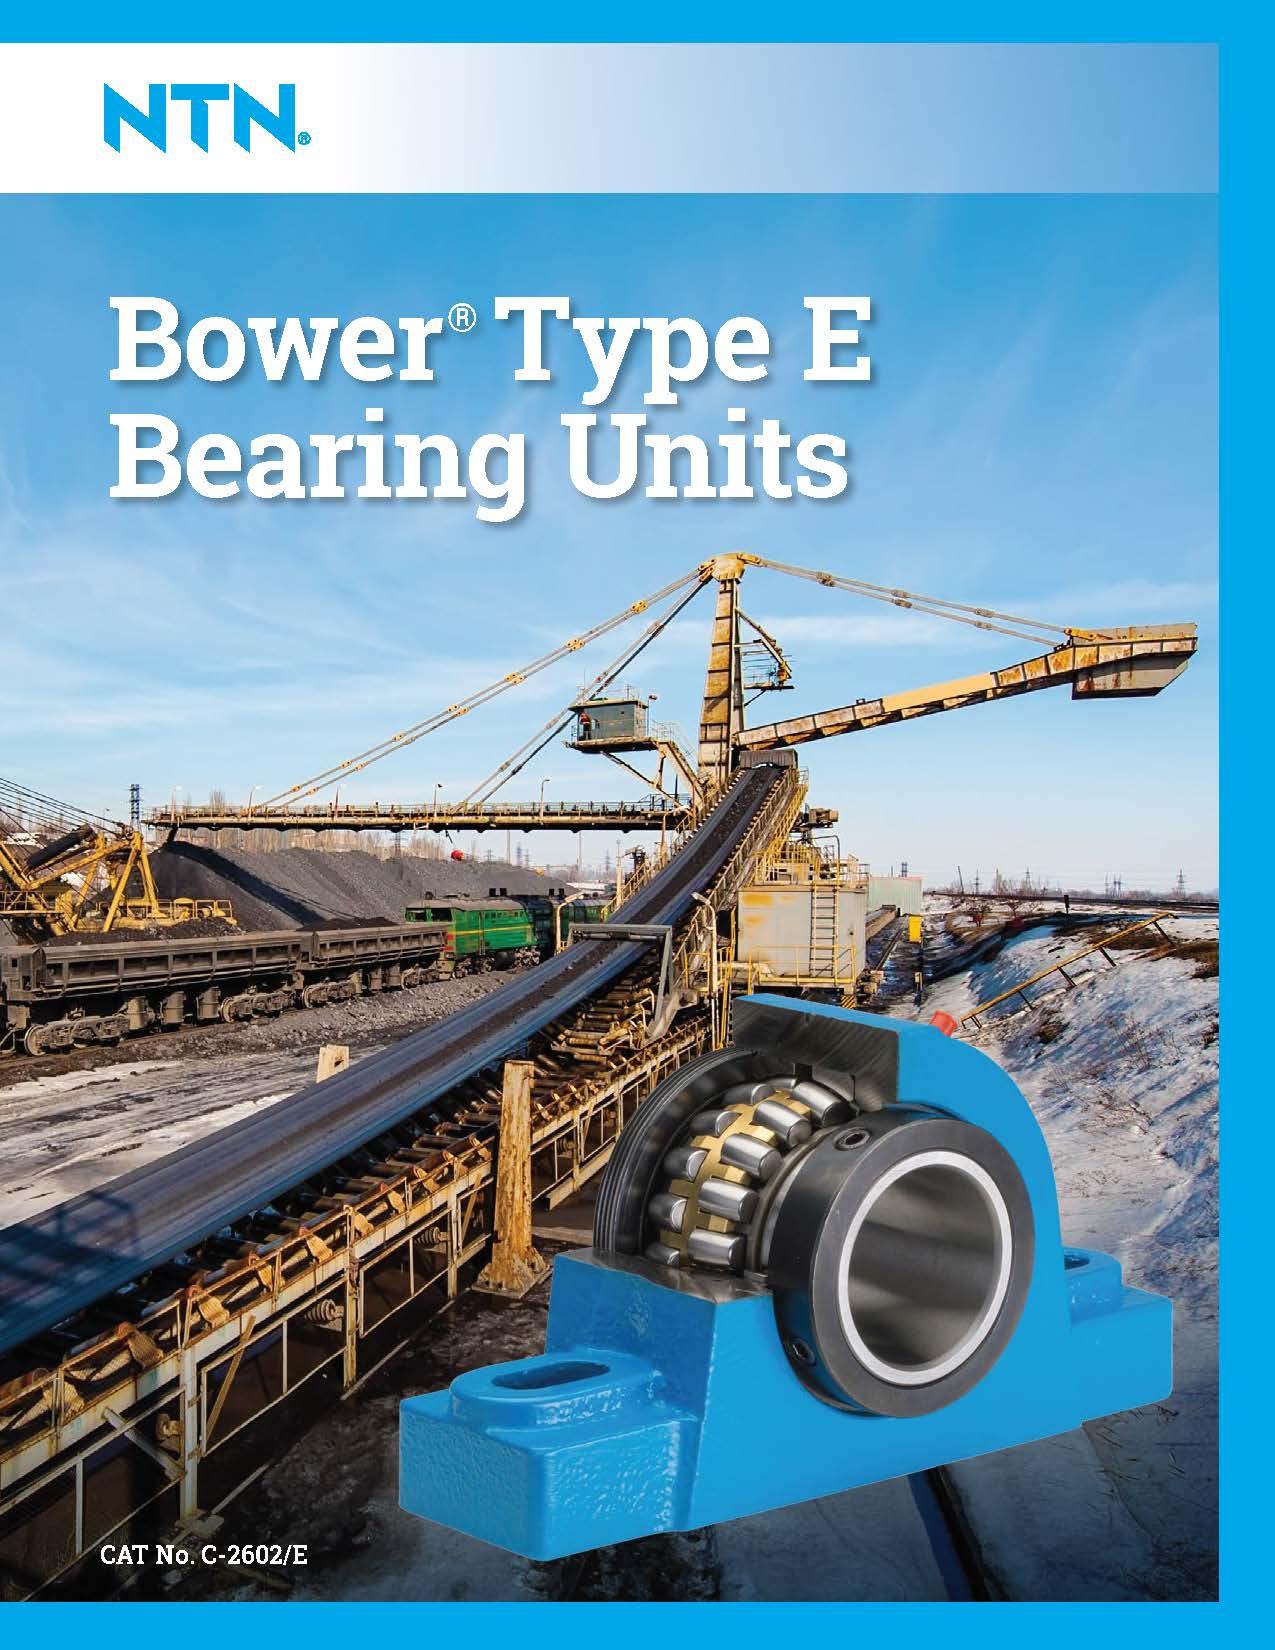 NTN BowerTypeEBrochure https://ntn.ca/wp content/uploads///NTN Bower Type E Brochure.pdf